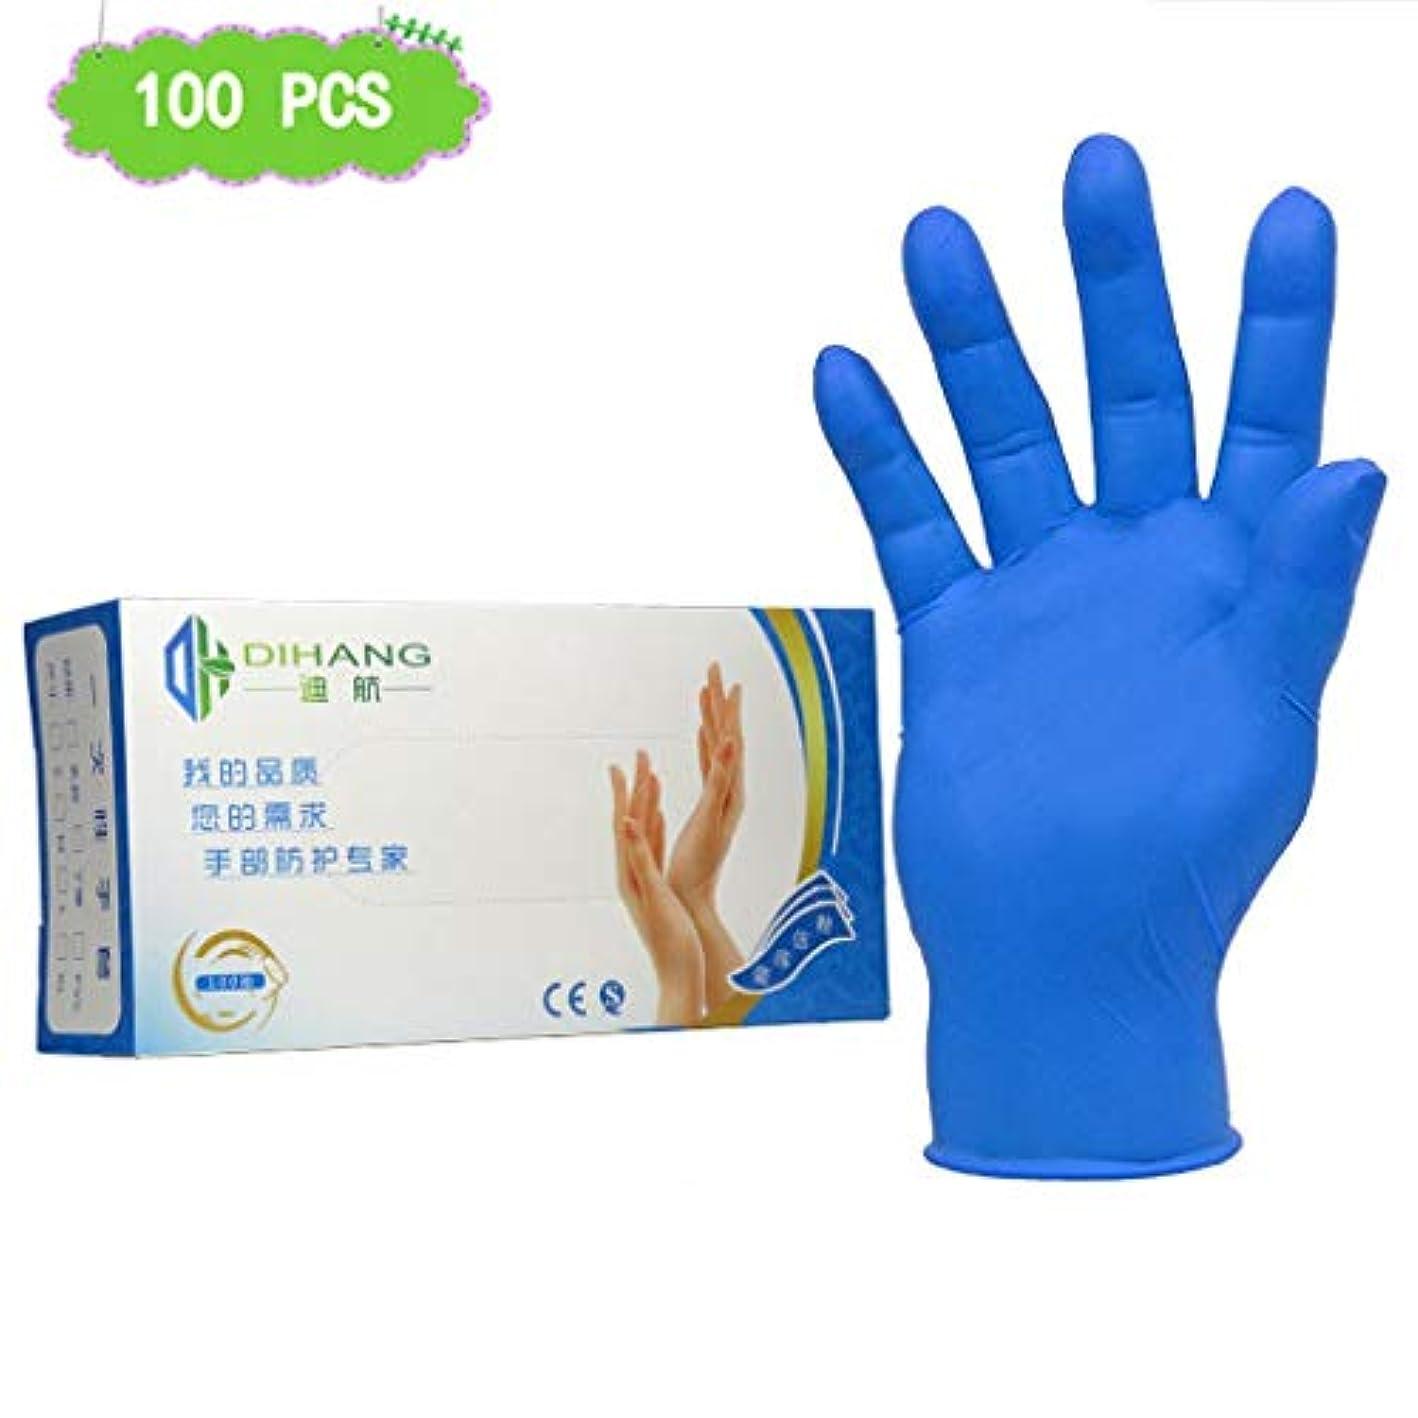 安全性世紀アーティストニトリル手袋、9インチ箱入りパウダーフリー工業用検査手袋ダークブルー一般麻肥厚ペットケアネイルアート検査保護実験、ビューティーサロンラテックスフリー、、 100個 (Size : L)